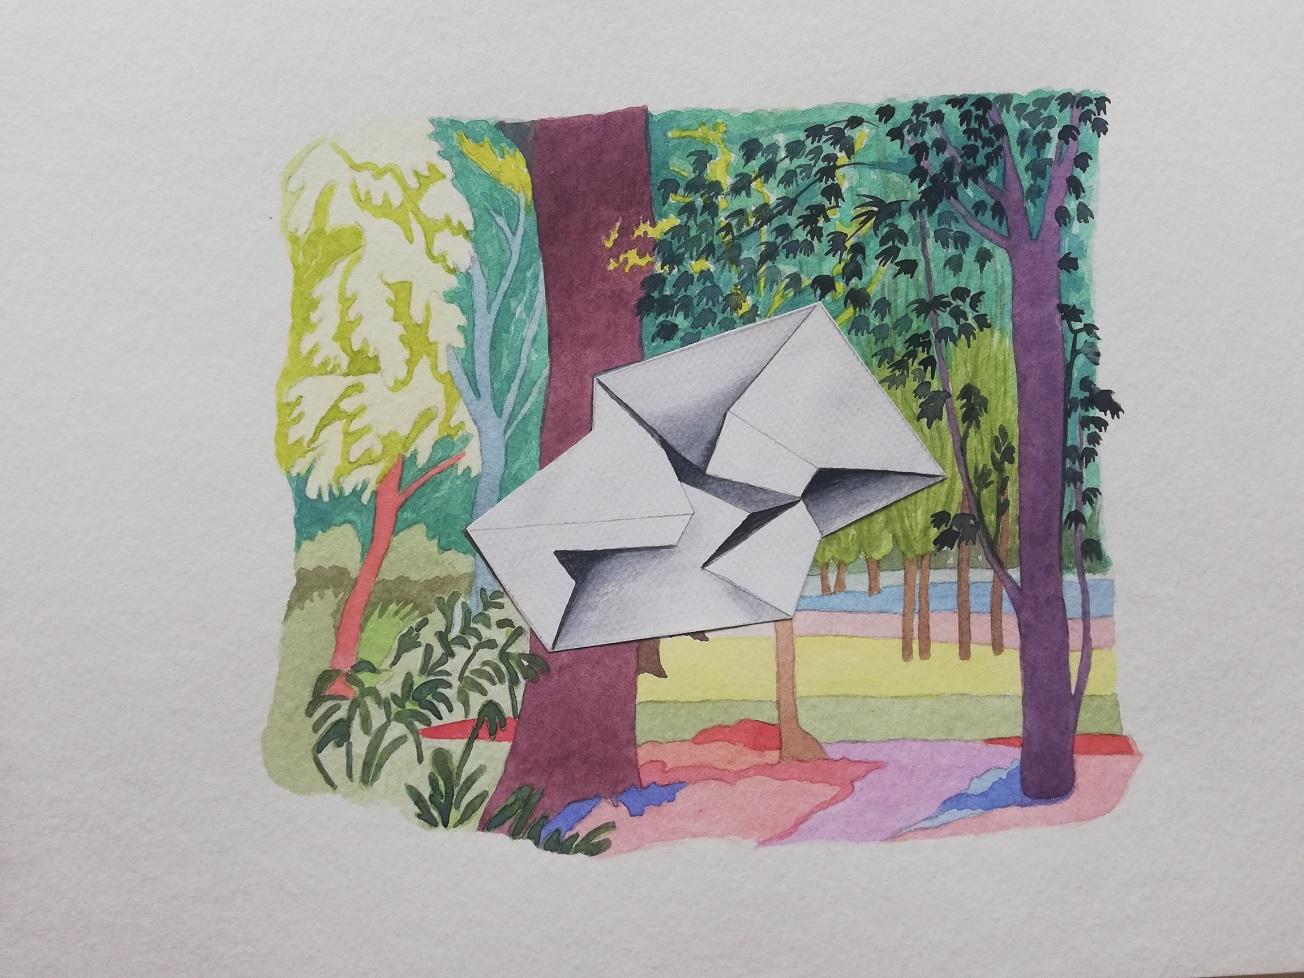 il dipinto di Yvonne D'acosta a colori ritrae un paesaggio con alcuni alberi; in primo piano, una specie di foglio di carta piegato su se stesso